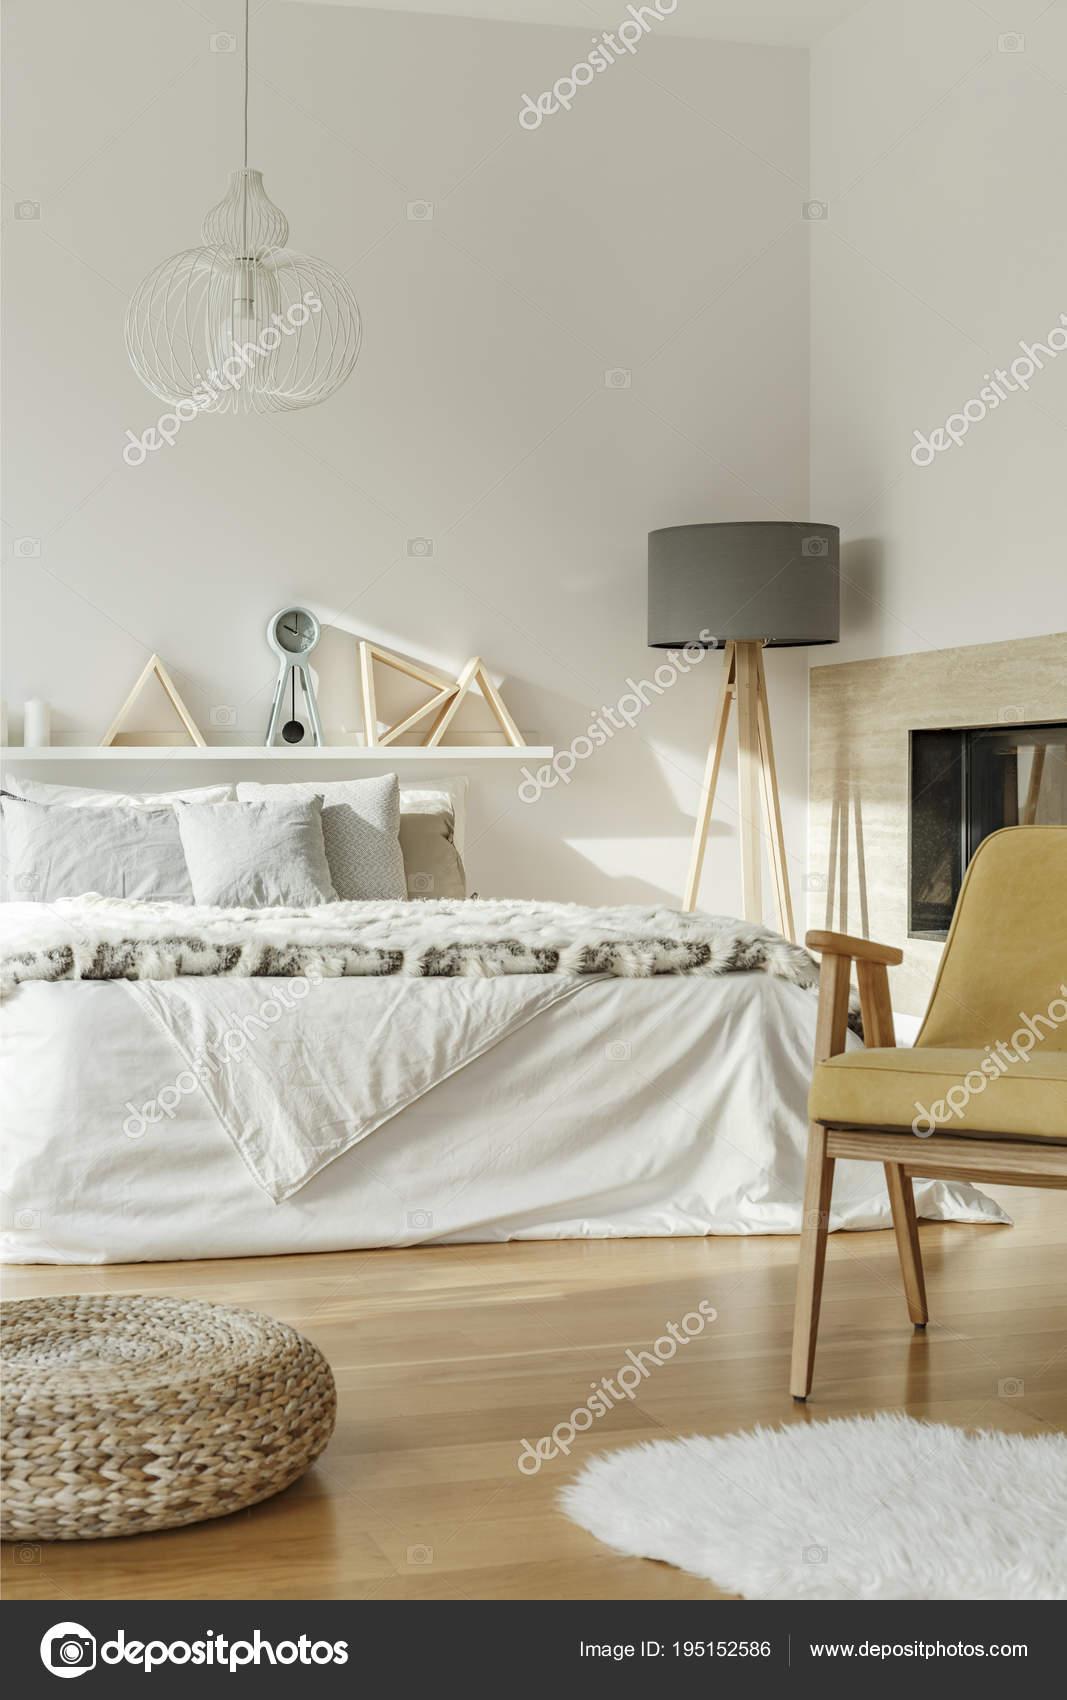 Lit King-Size dans l\'intérieur de la chambre à coucher ...